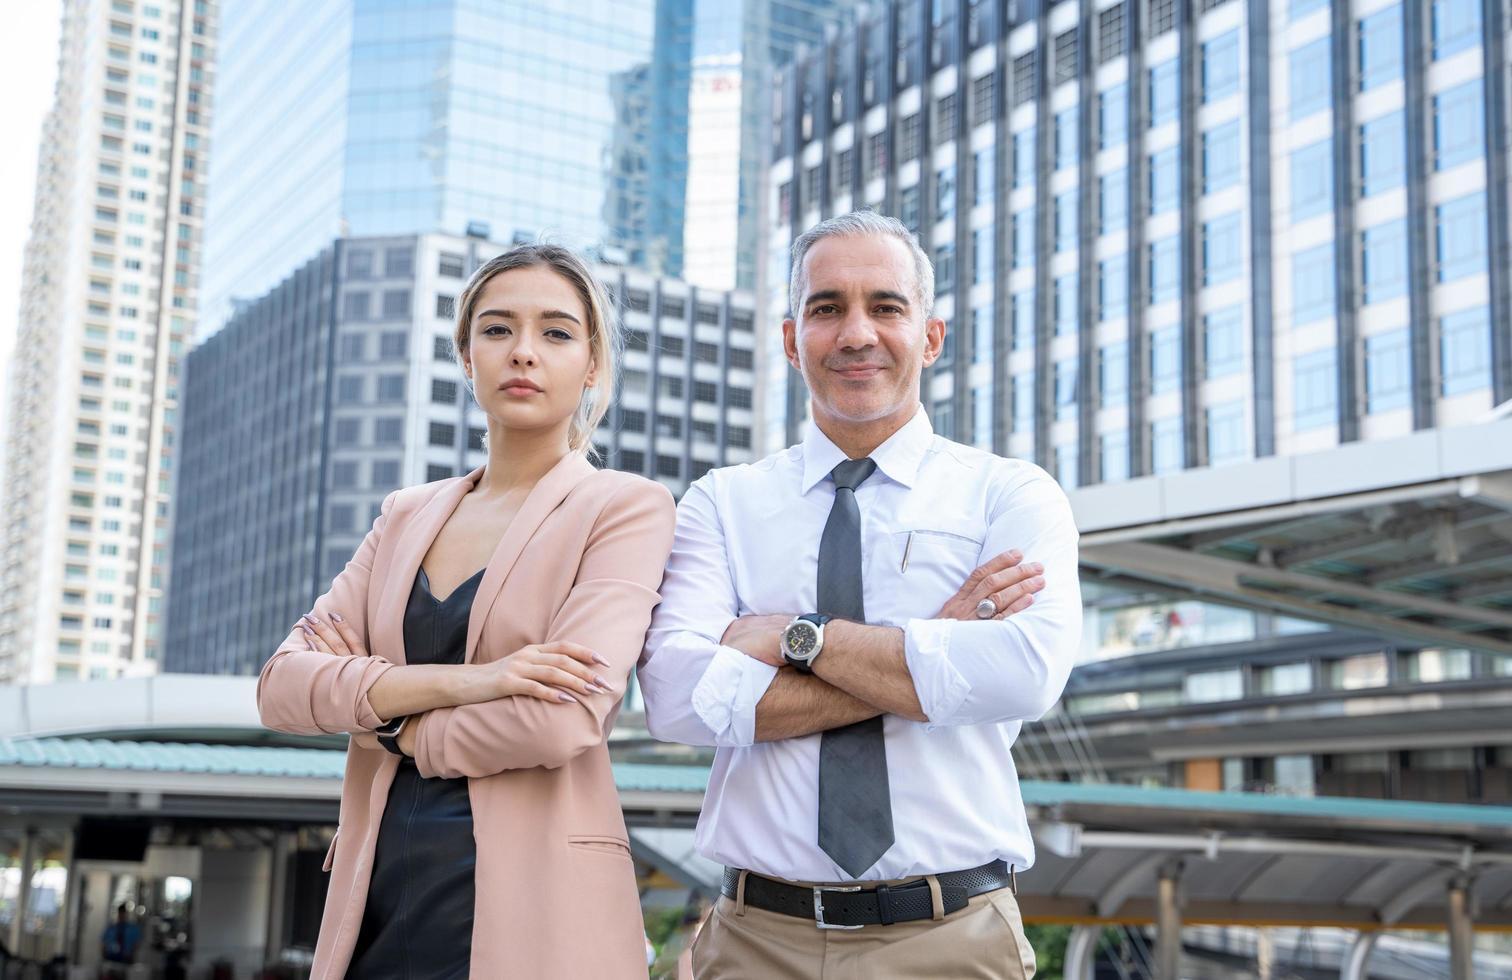 homem e mulher com edifícios de escritórios foto